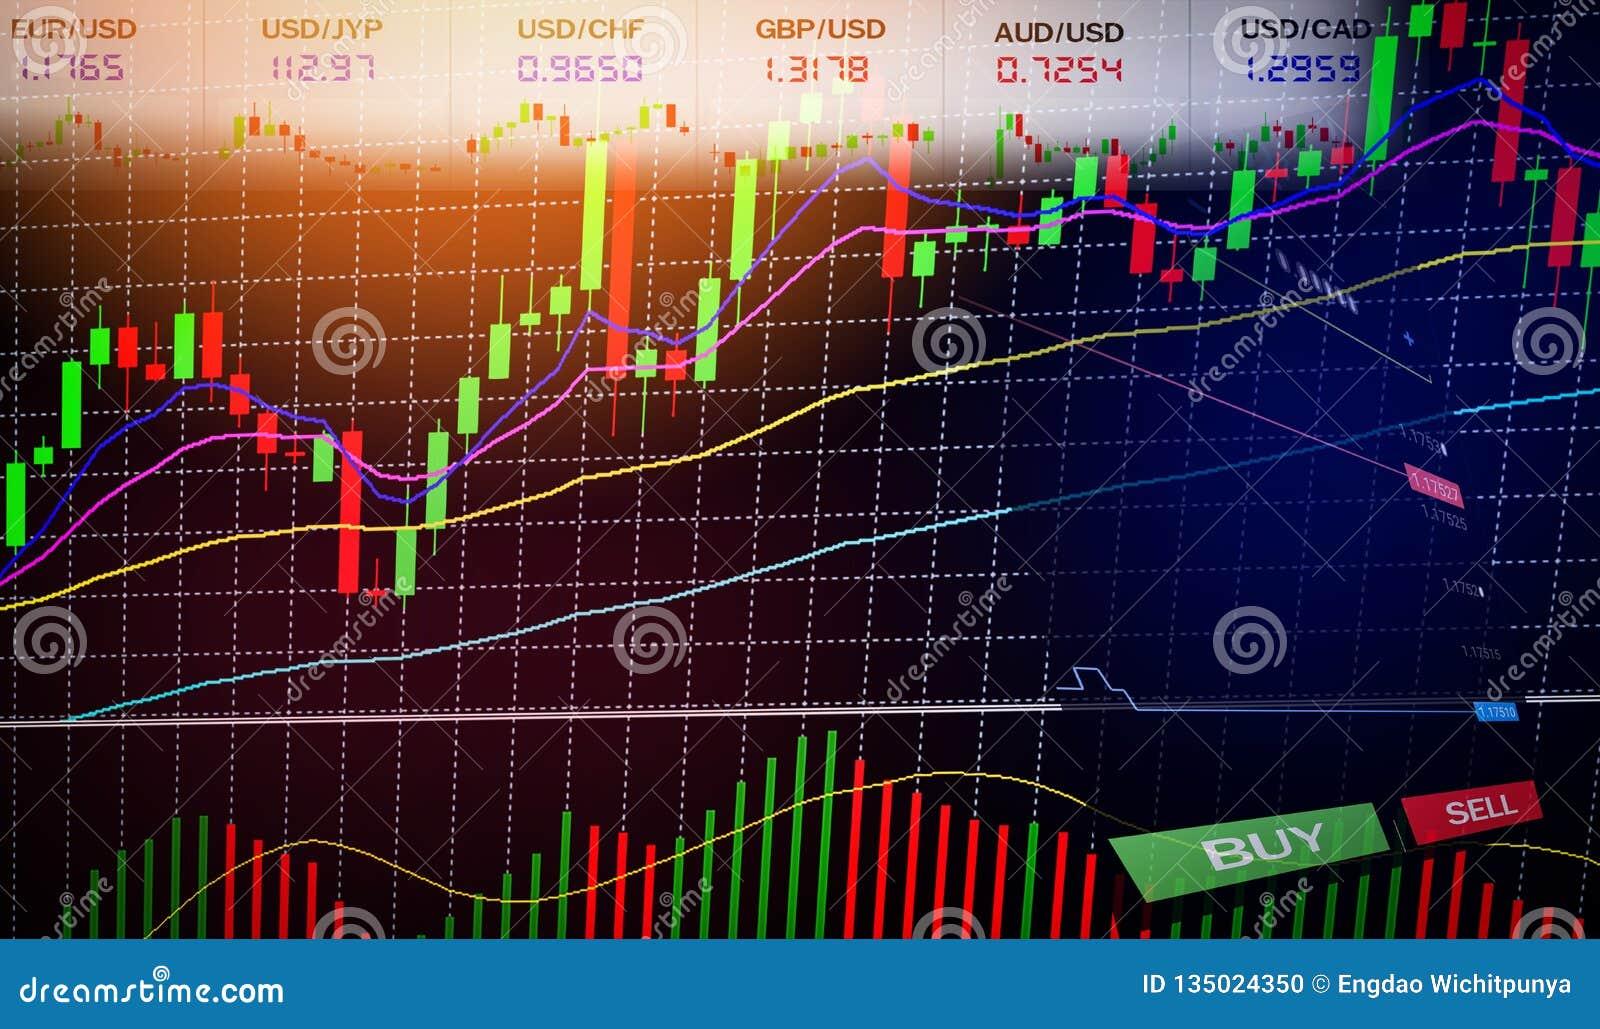 储蓄外汇贸易-企业财政/外汇图图表图注标委员会数据信息